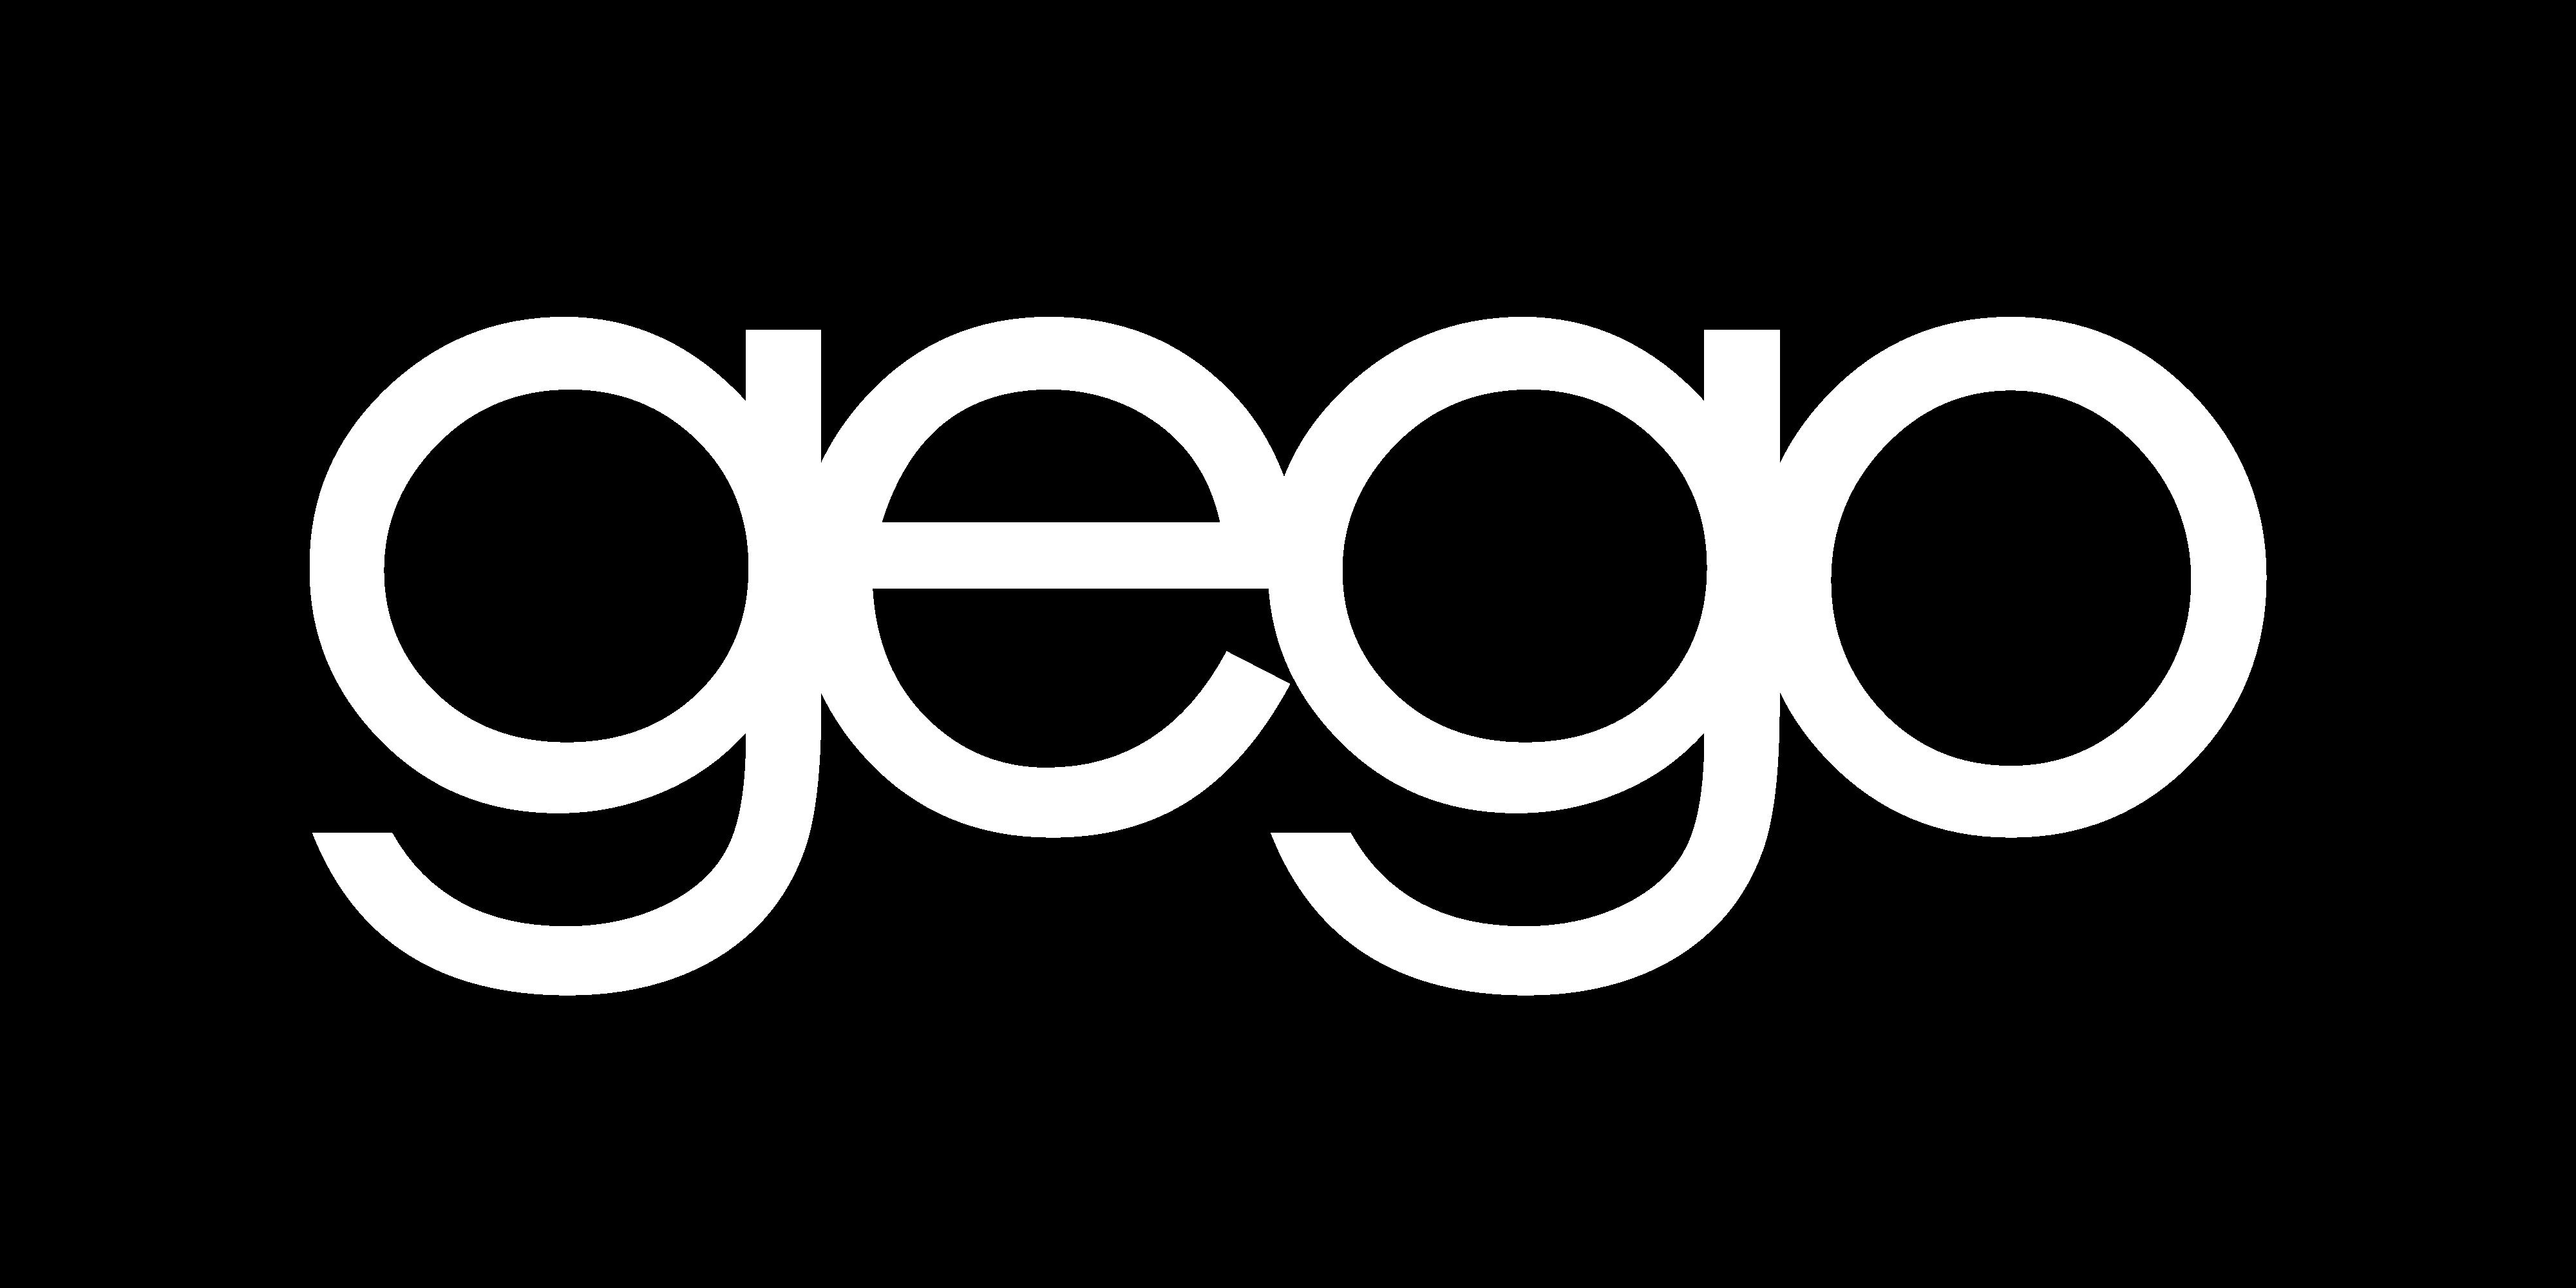 gego.world